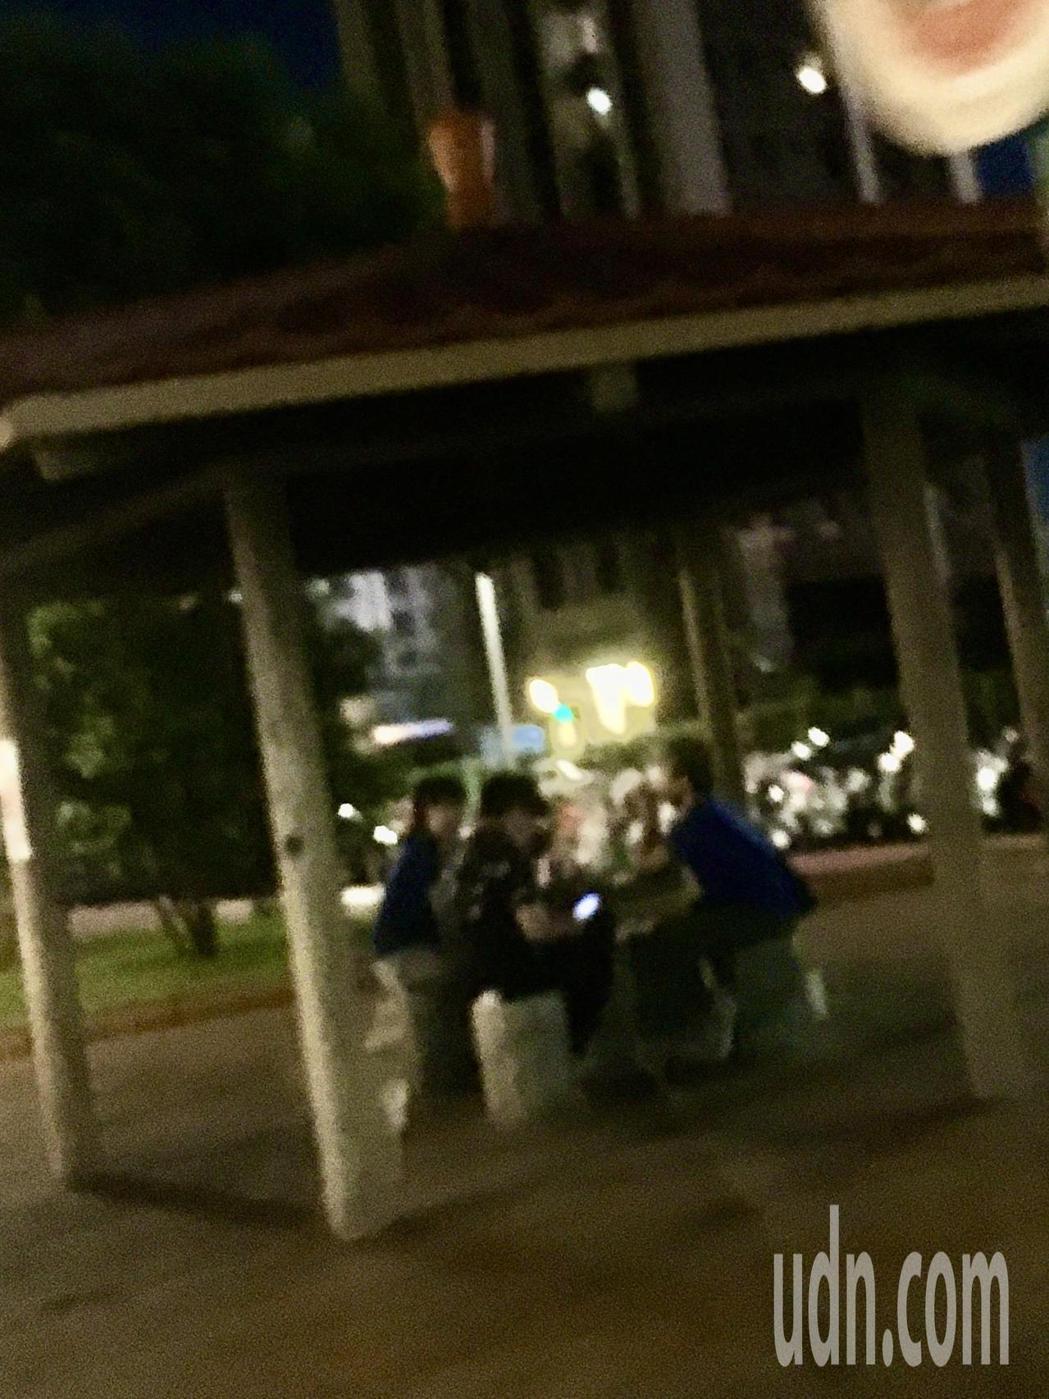 微解封首周末,許多夜市重新開張,但民眾違規吃東西的問題也跟著浮現,不少人直接在夜...